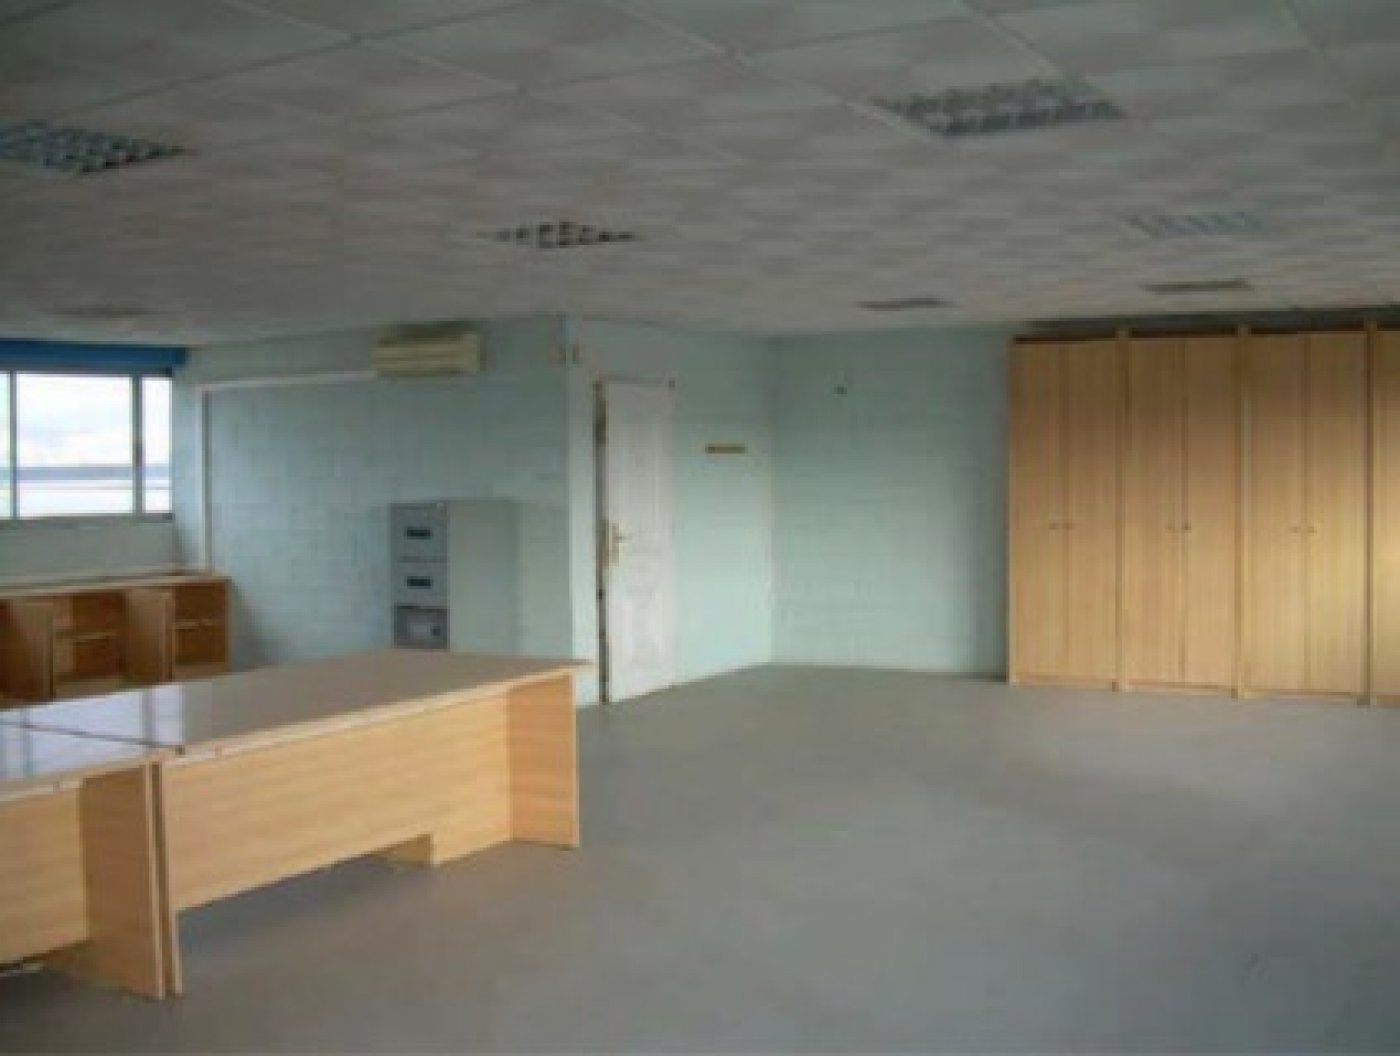 Oficina en venta en avenida benieto c/ transport , 32-uno, 46702, gandia (valencia) - imagenInmueble5